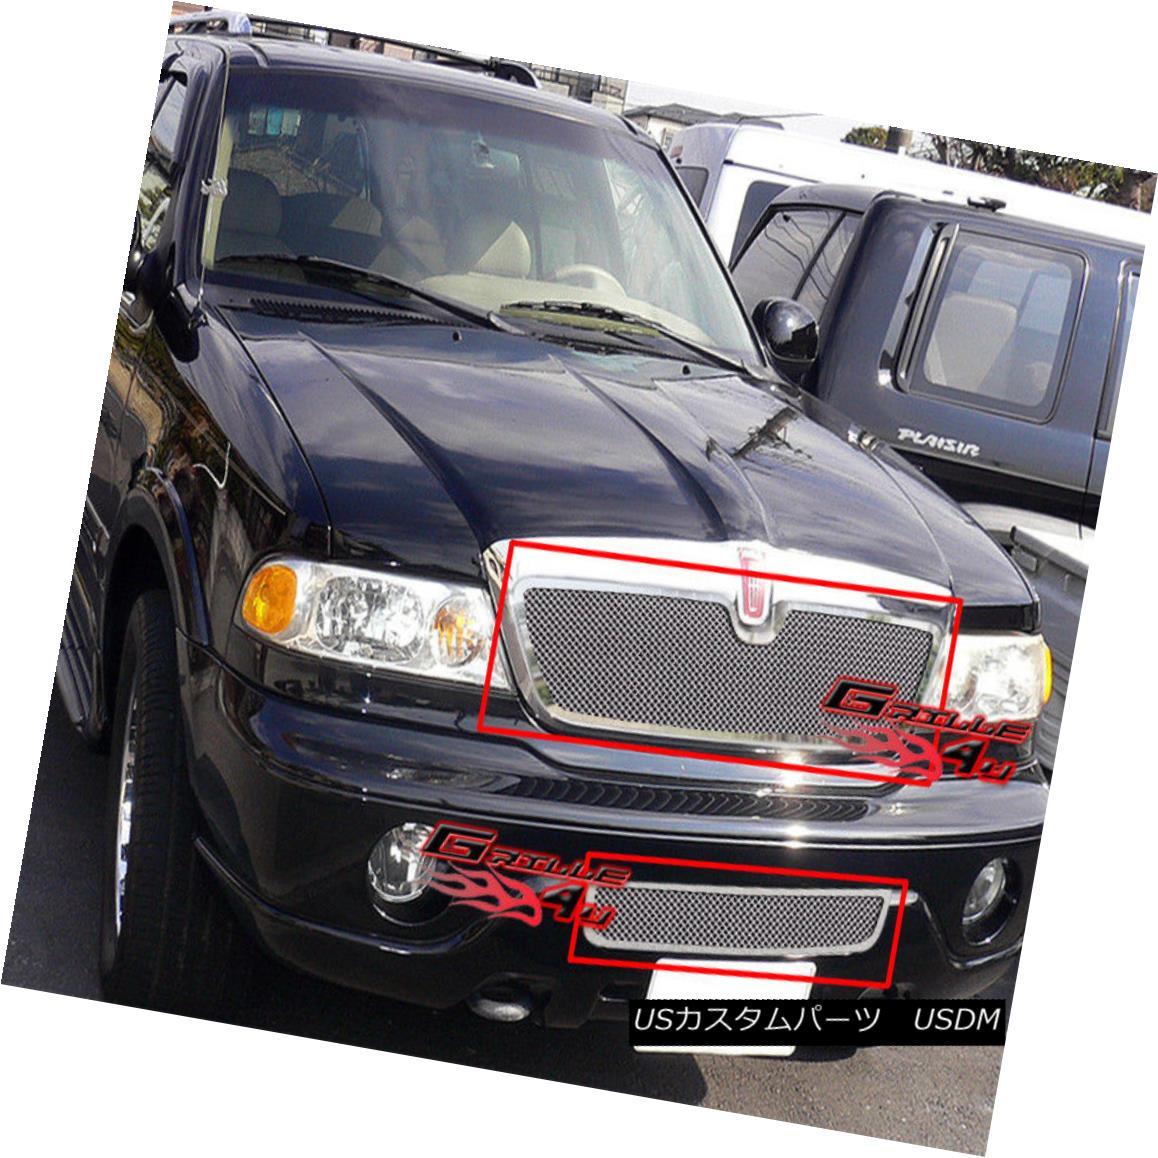 グリル Fits 03-06 Lincoln Navigator Stainless Mesh Grille Combo フィット03-06リンカーンナビゲータステンレスメッシュグリルコンボ